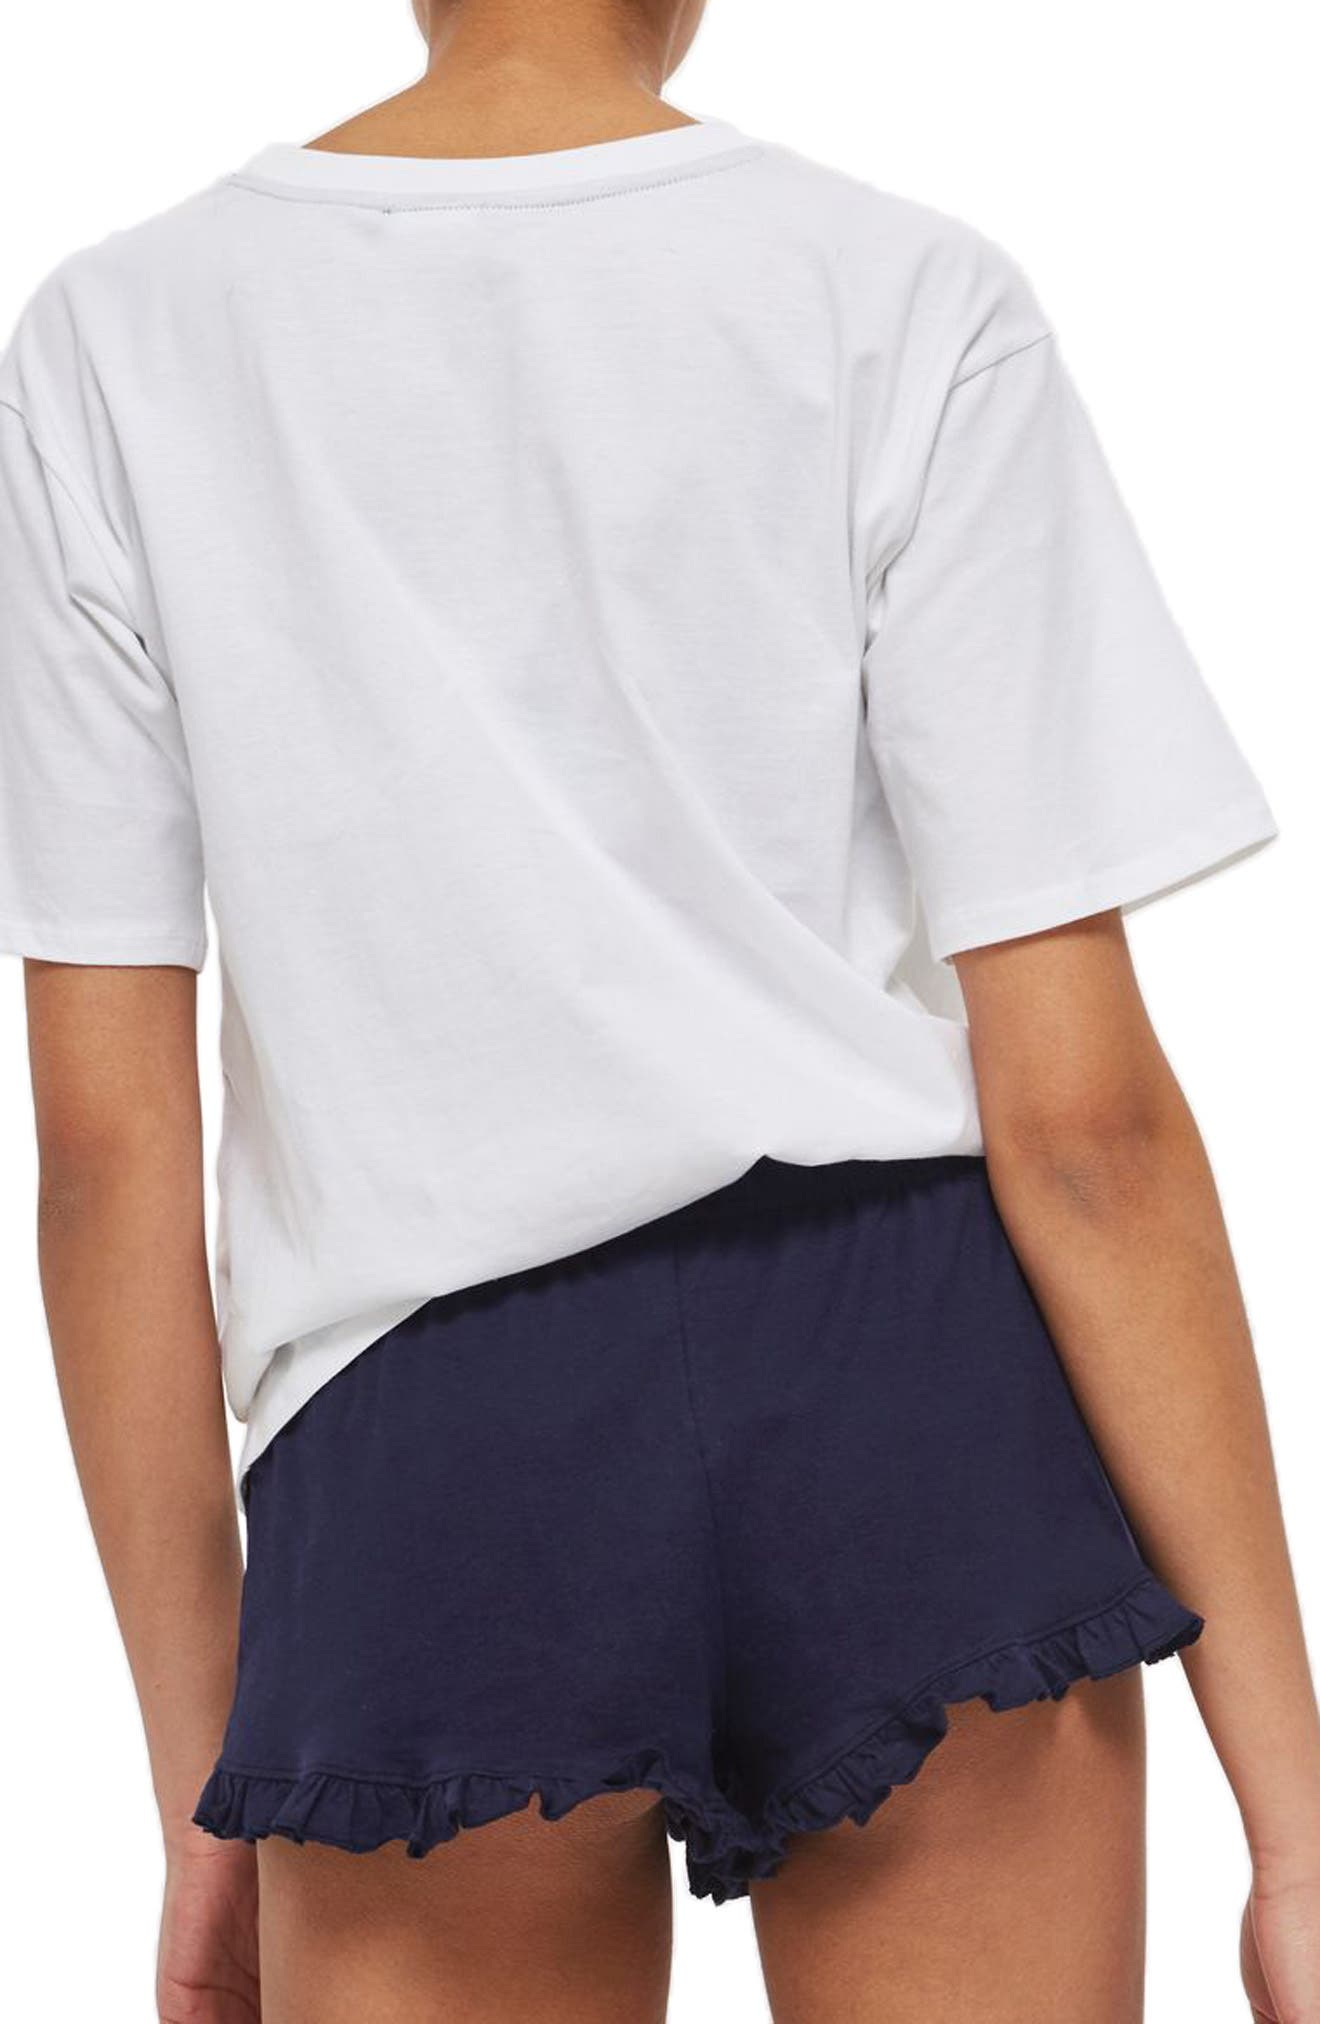 Disney<sup>®</sup> Princess Jasmine Short Pajamas,                             Alternate thumbnail 2, color,